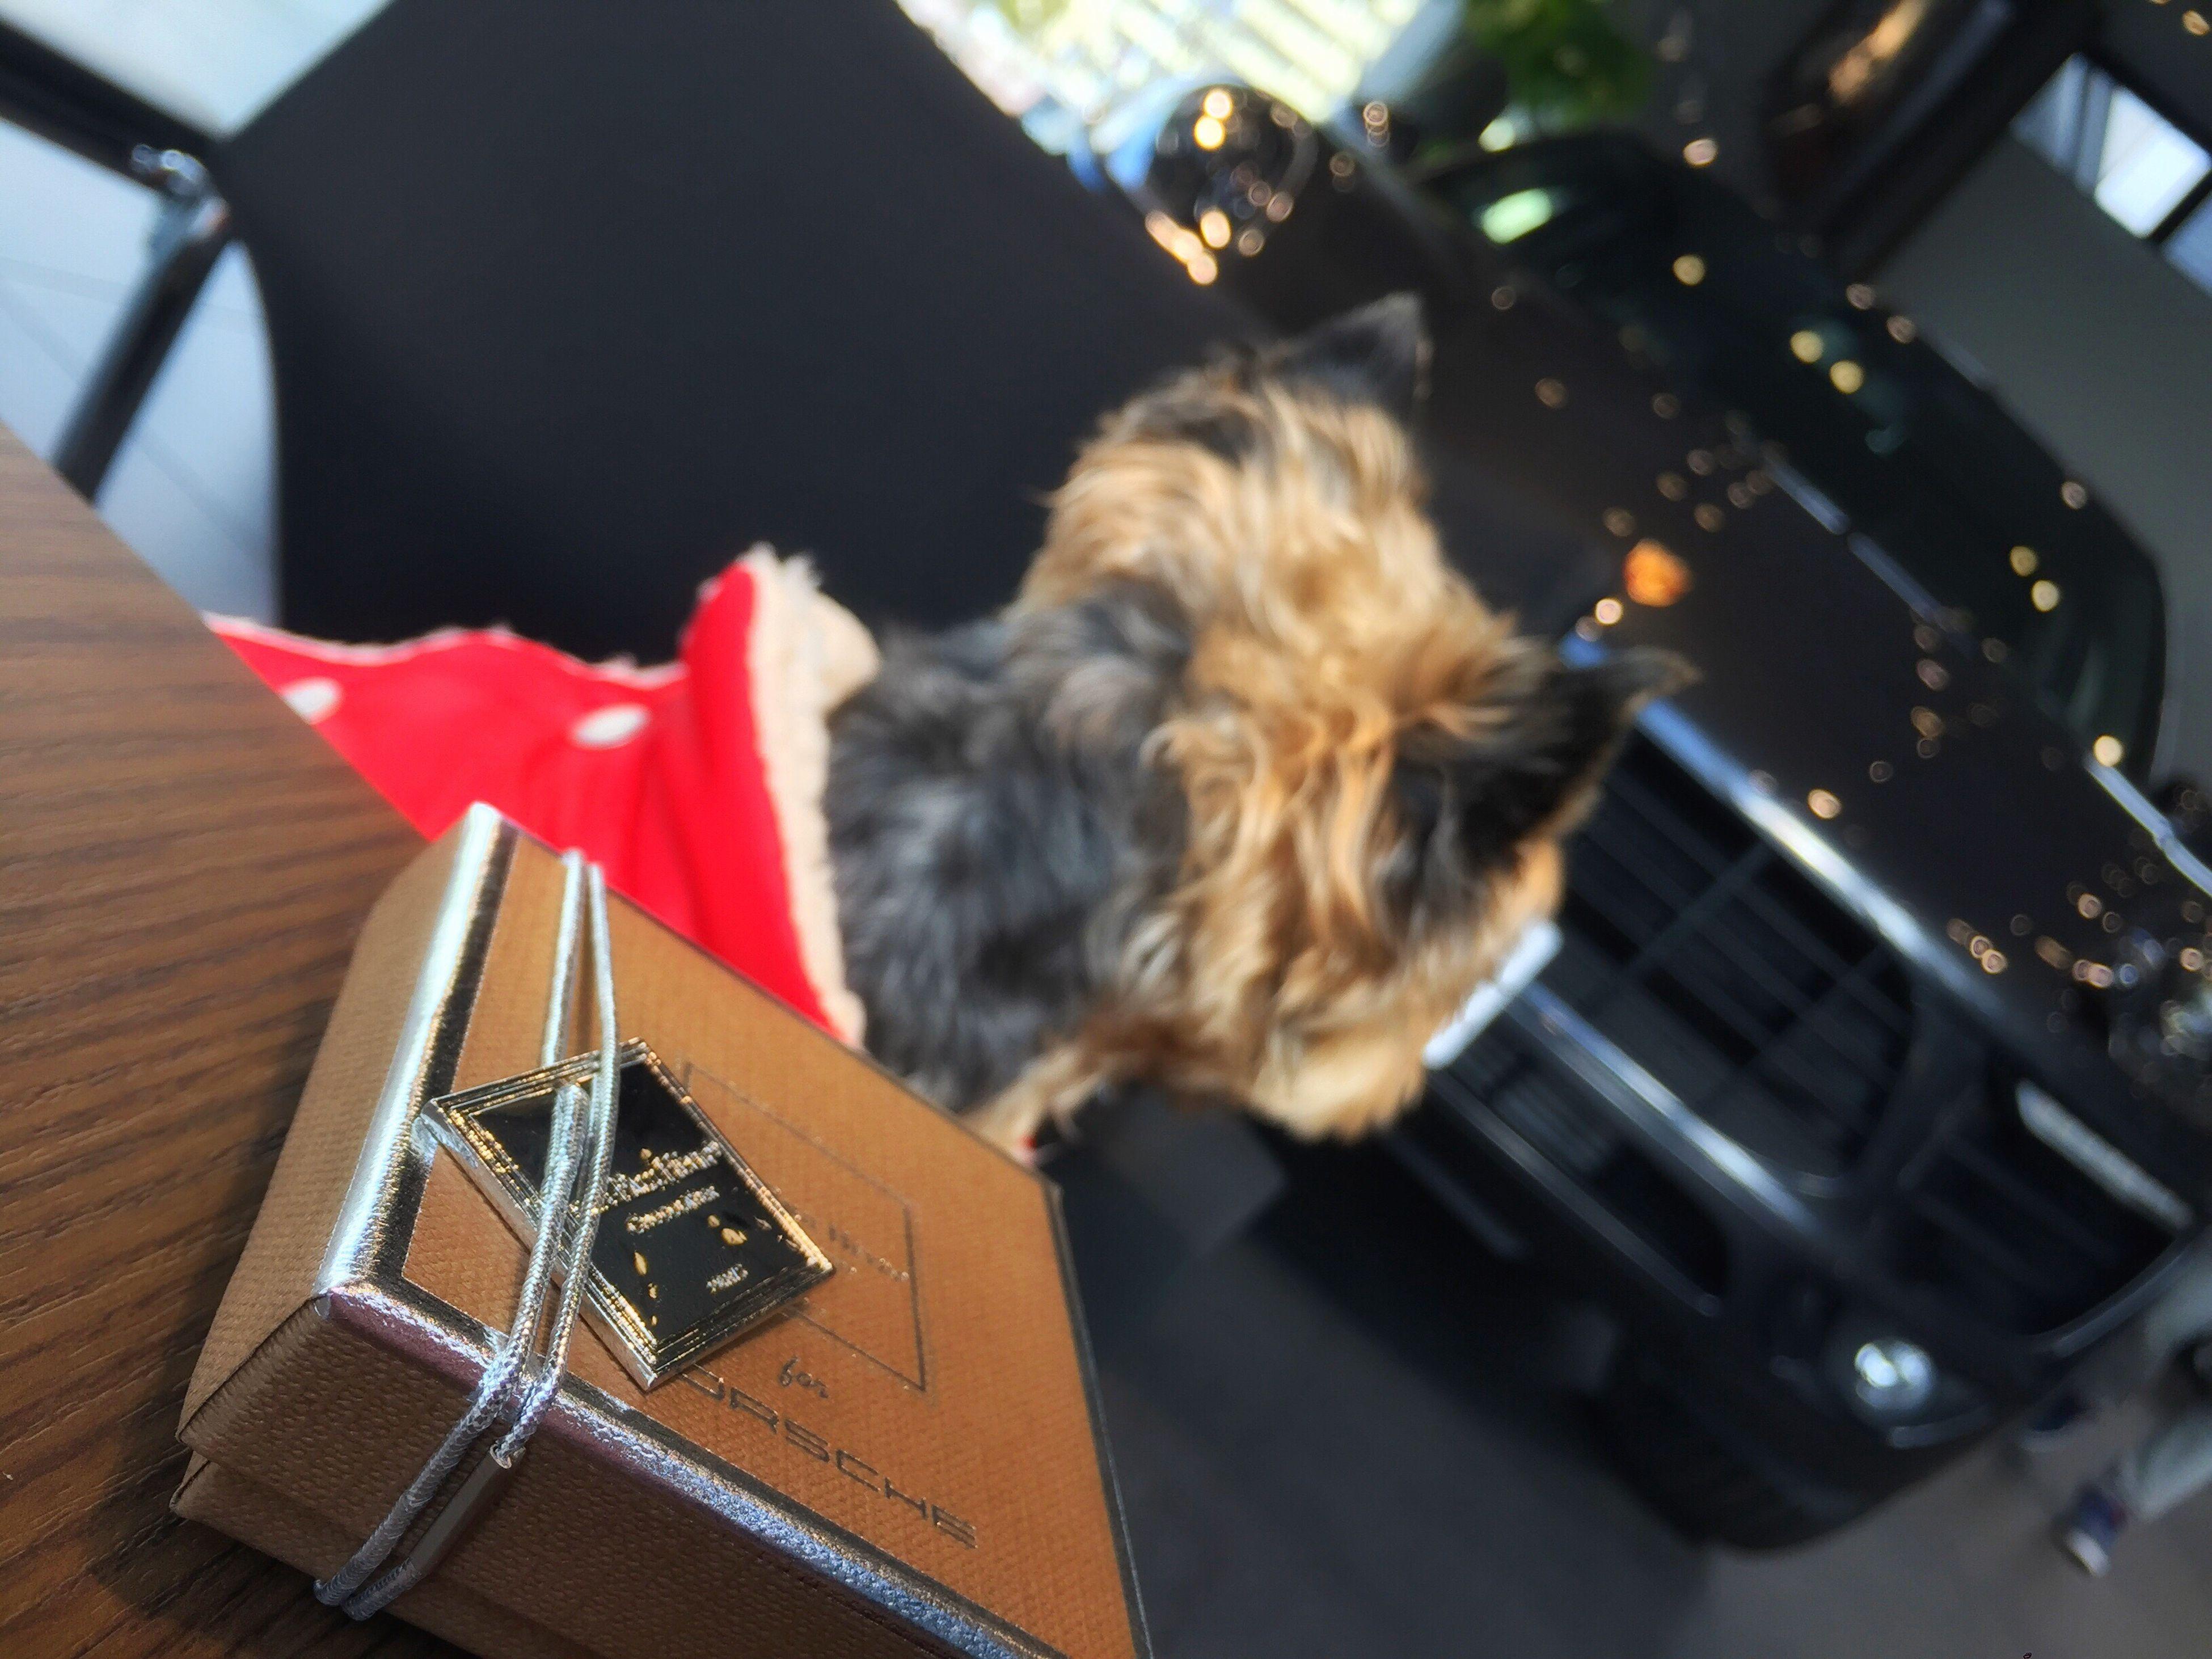 Chocolate Jeanpaulhevin Porsche Valentine's Day  Dog Mydog Ilovemydog Yorkshire Terrier Yorkie